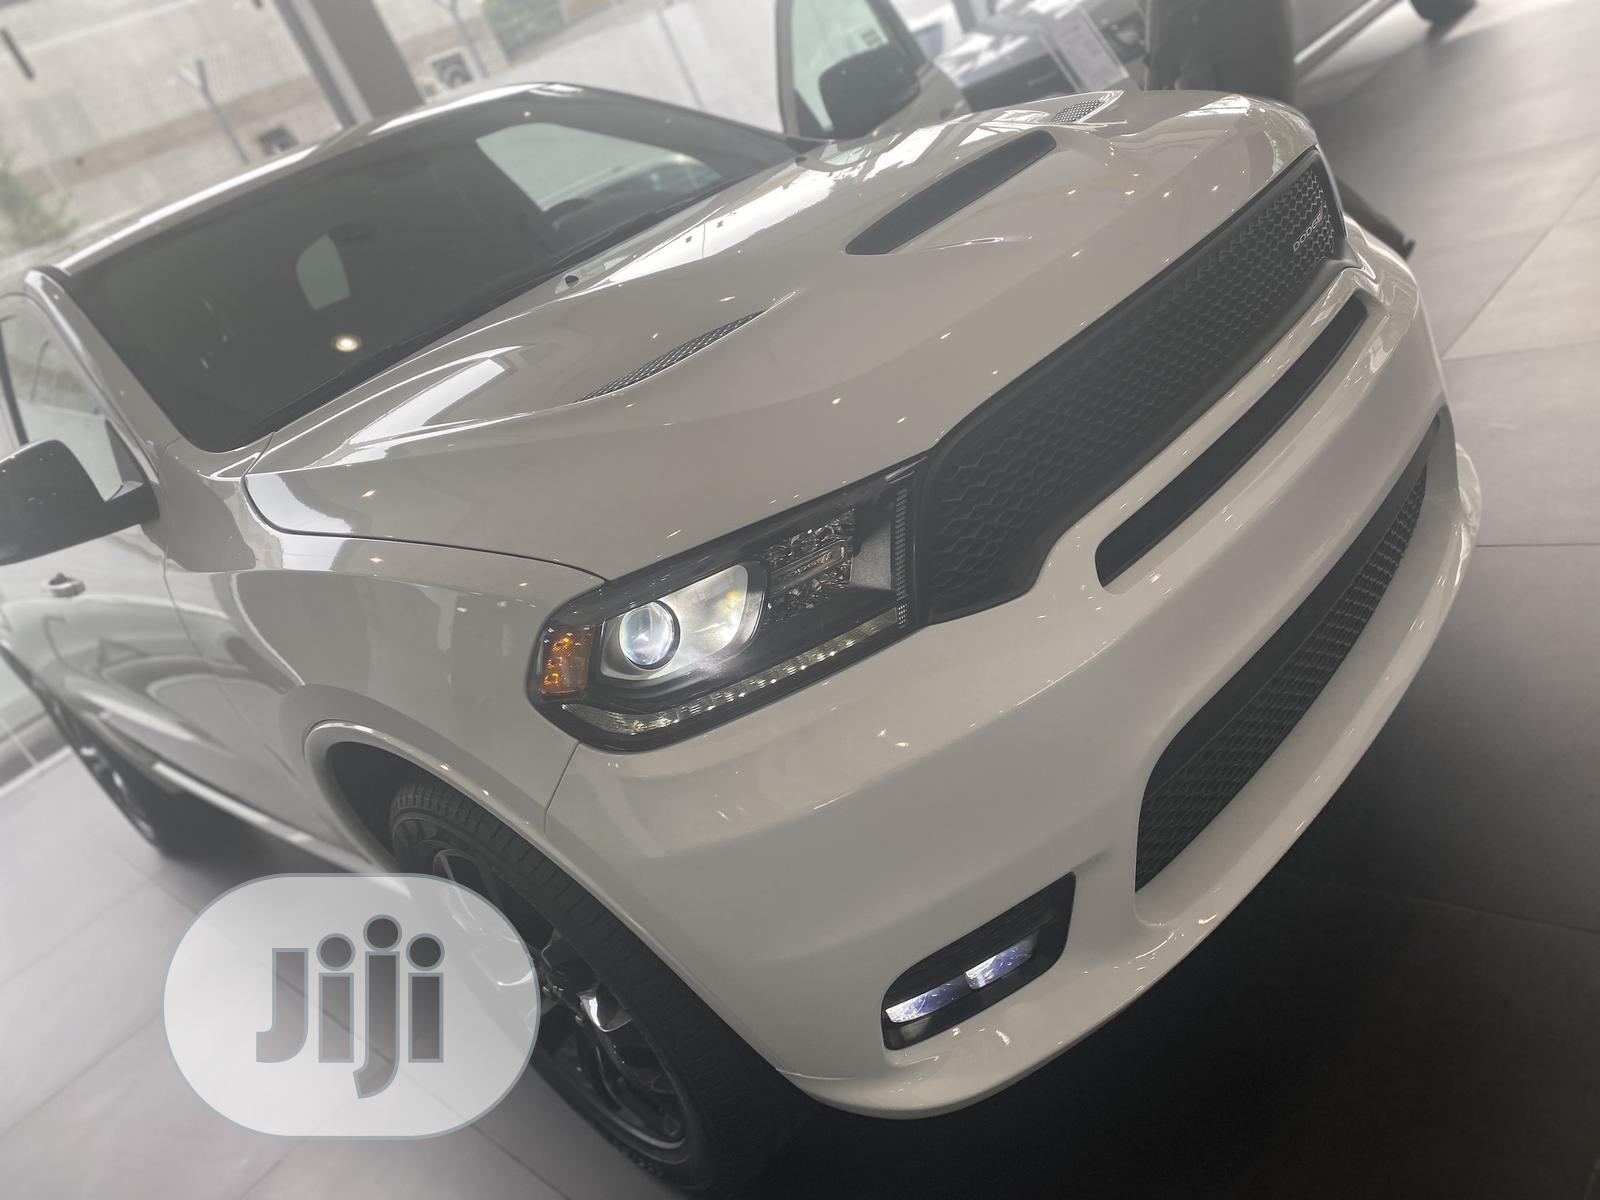 New Dodge Durango 2019 White